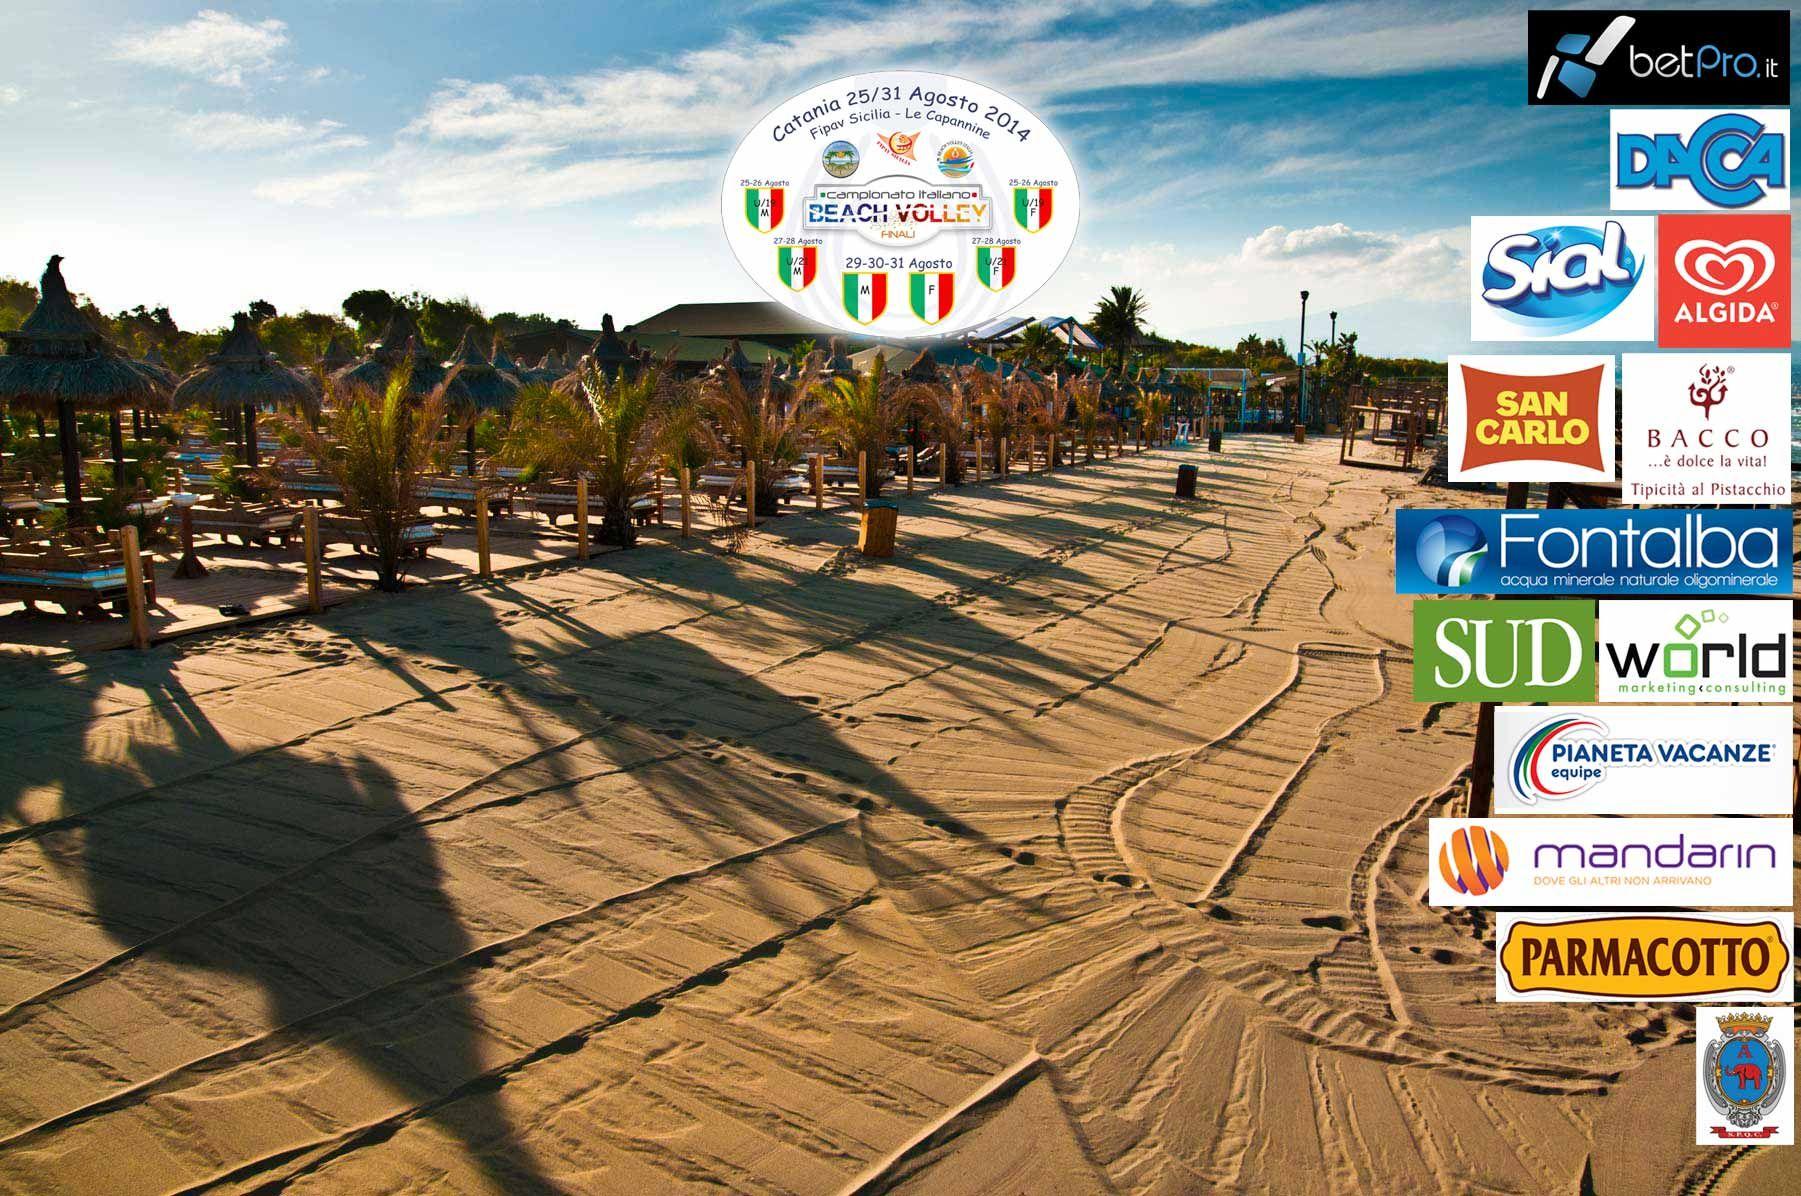 Le Capannine, Villaggio Turistico Lido Playa Catania, Villaggio ...